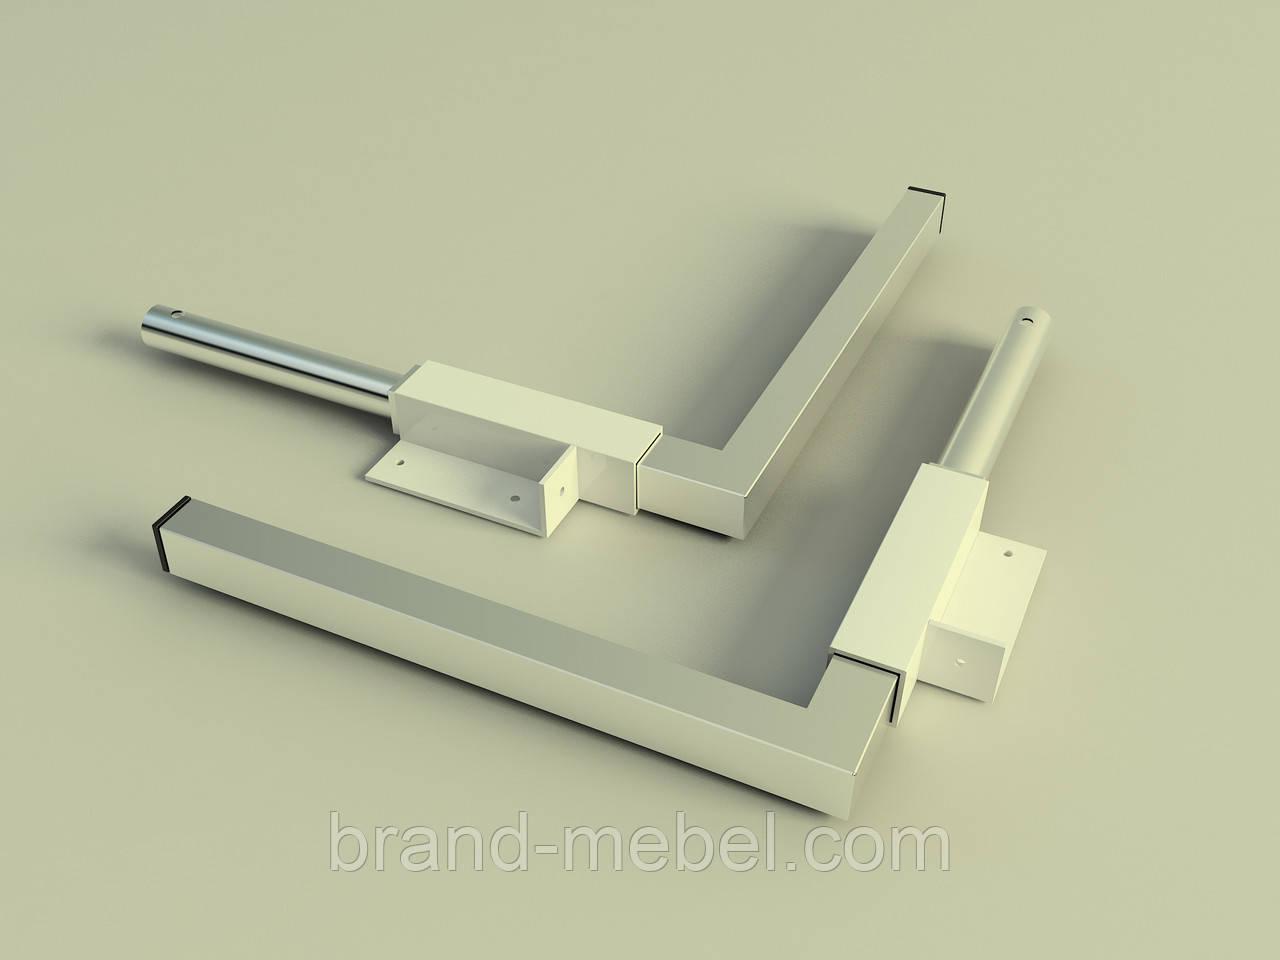 Ніжки ліжка трансформера 255мм нержавіюча сталь/Ножки для кровати-шкафа нержавейка 265мм